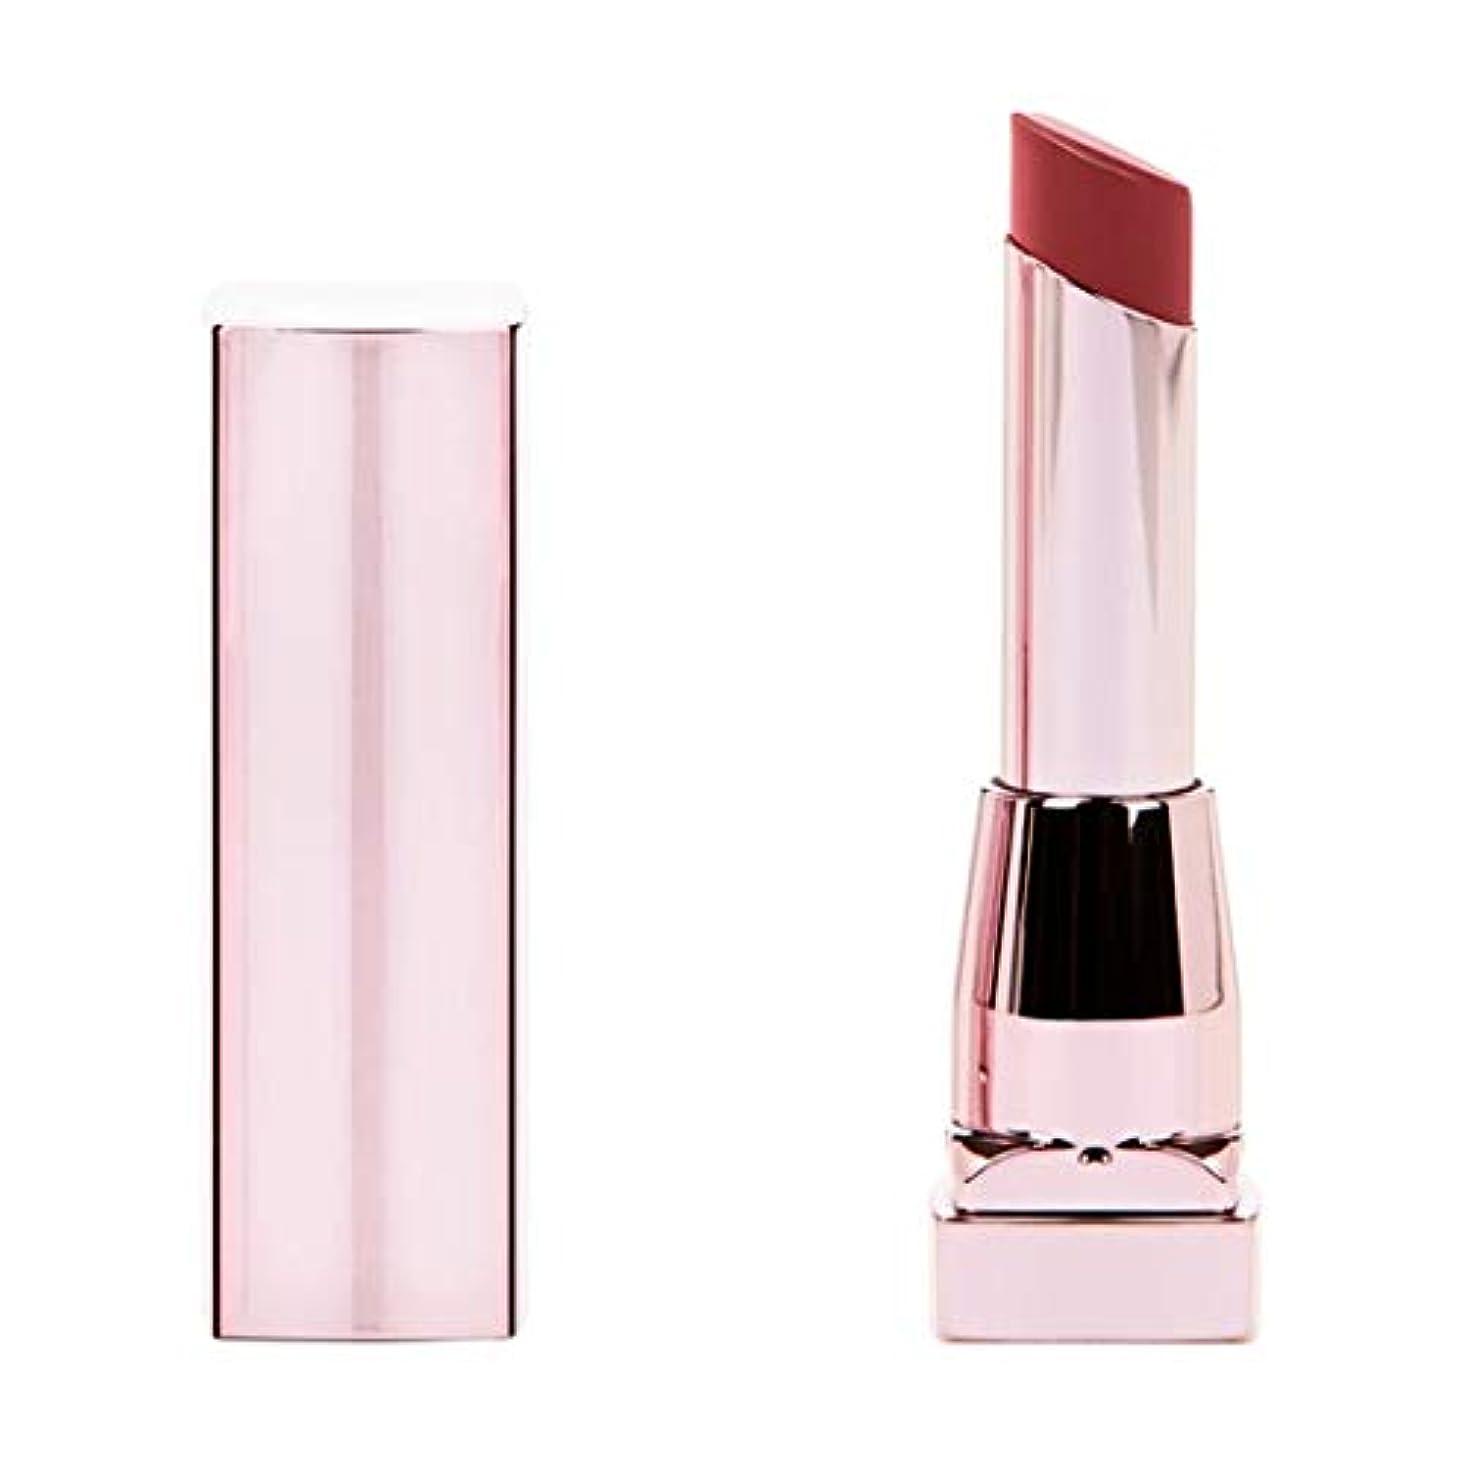 規定屈辱する休日(6 Pack) MAYBELLINE Color Sensational Shine Compulsion Lipstick - Scarlet Flame 090 (並行輸入品)